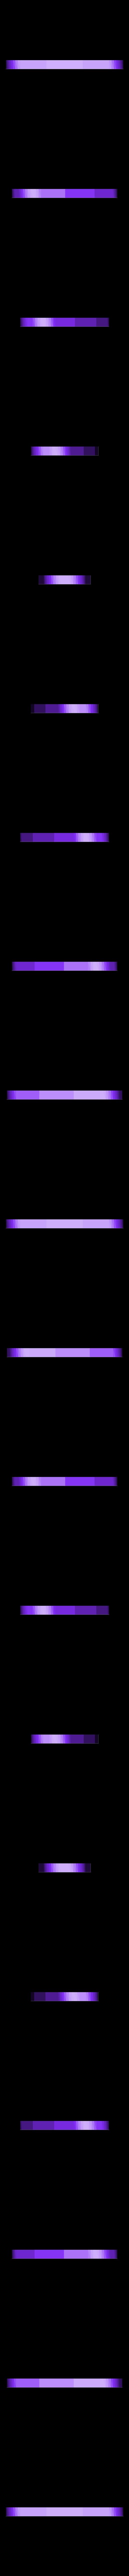 BLTouch_Spacer_2mm.STL Télécharger fichier STL gratuit Un support d'extrudeuse Stock-ish pour Anet A8 et Alike ! (Inclut la chaîne et la monture ou sans chaîne !) • Objet pour impression 3D, MorganLowe